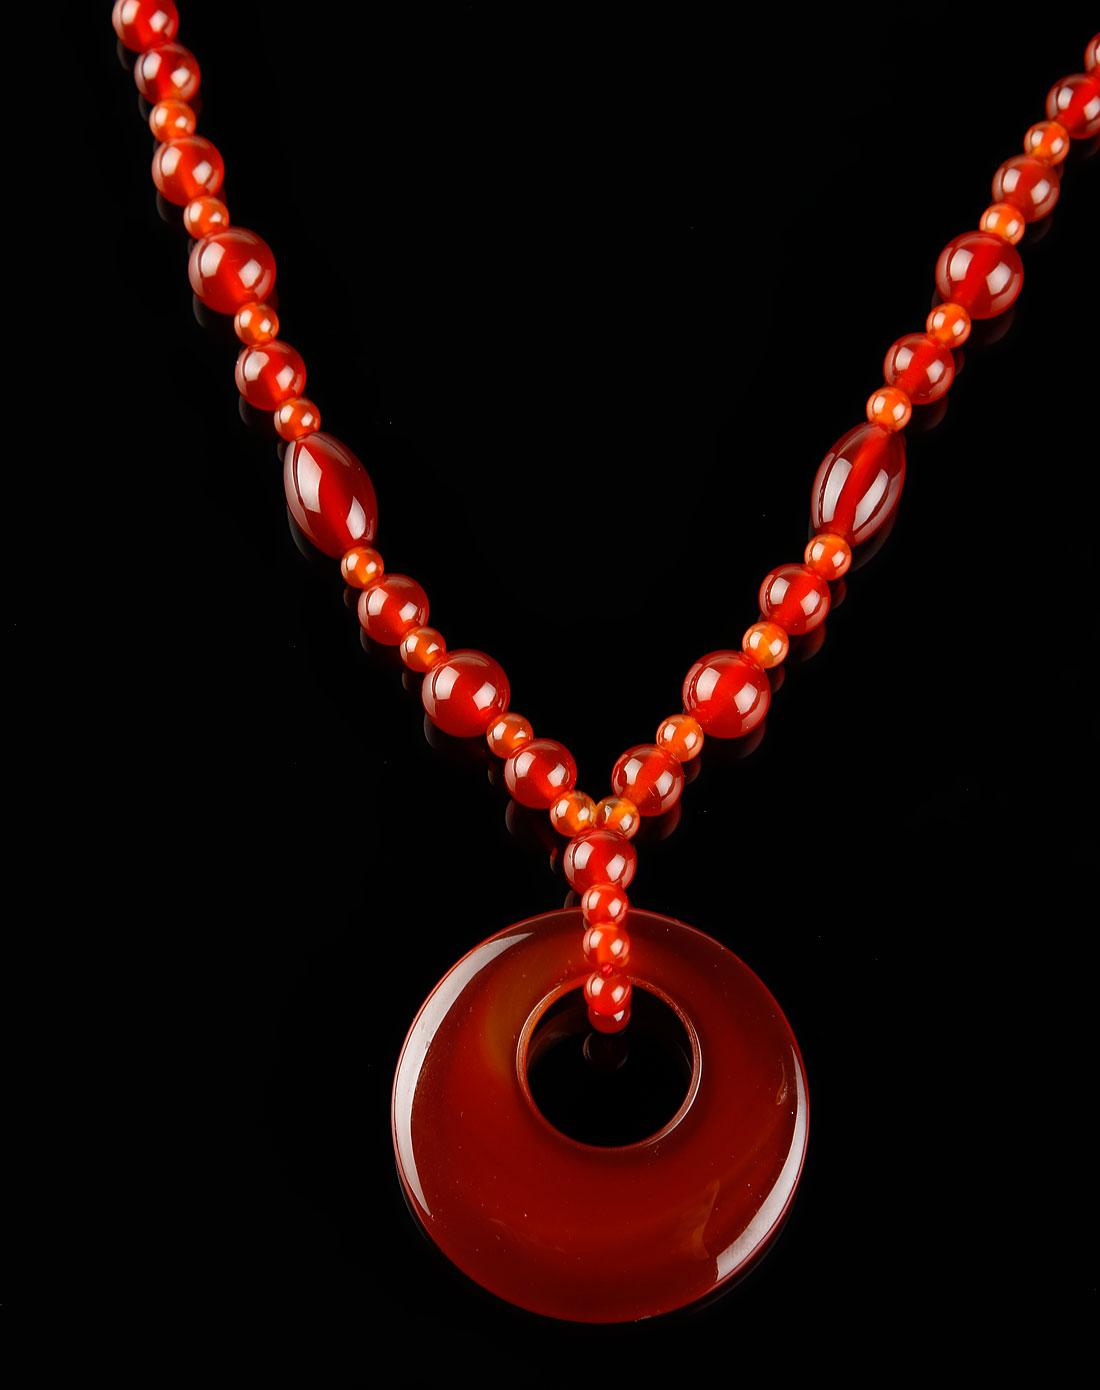 天然红玛瑙平安扣项链